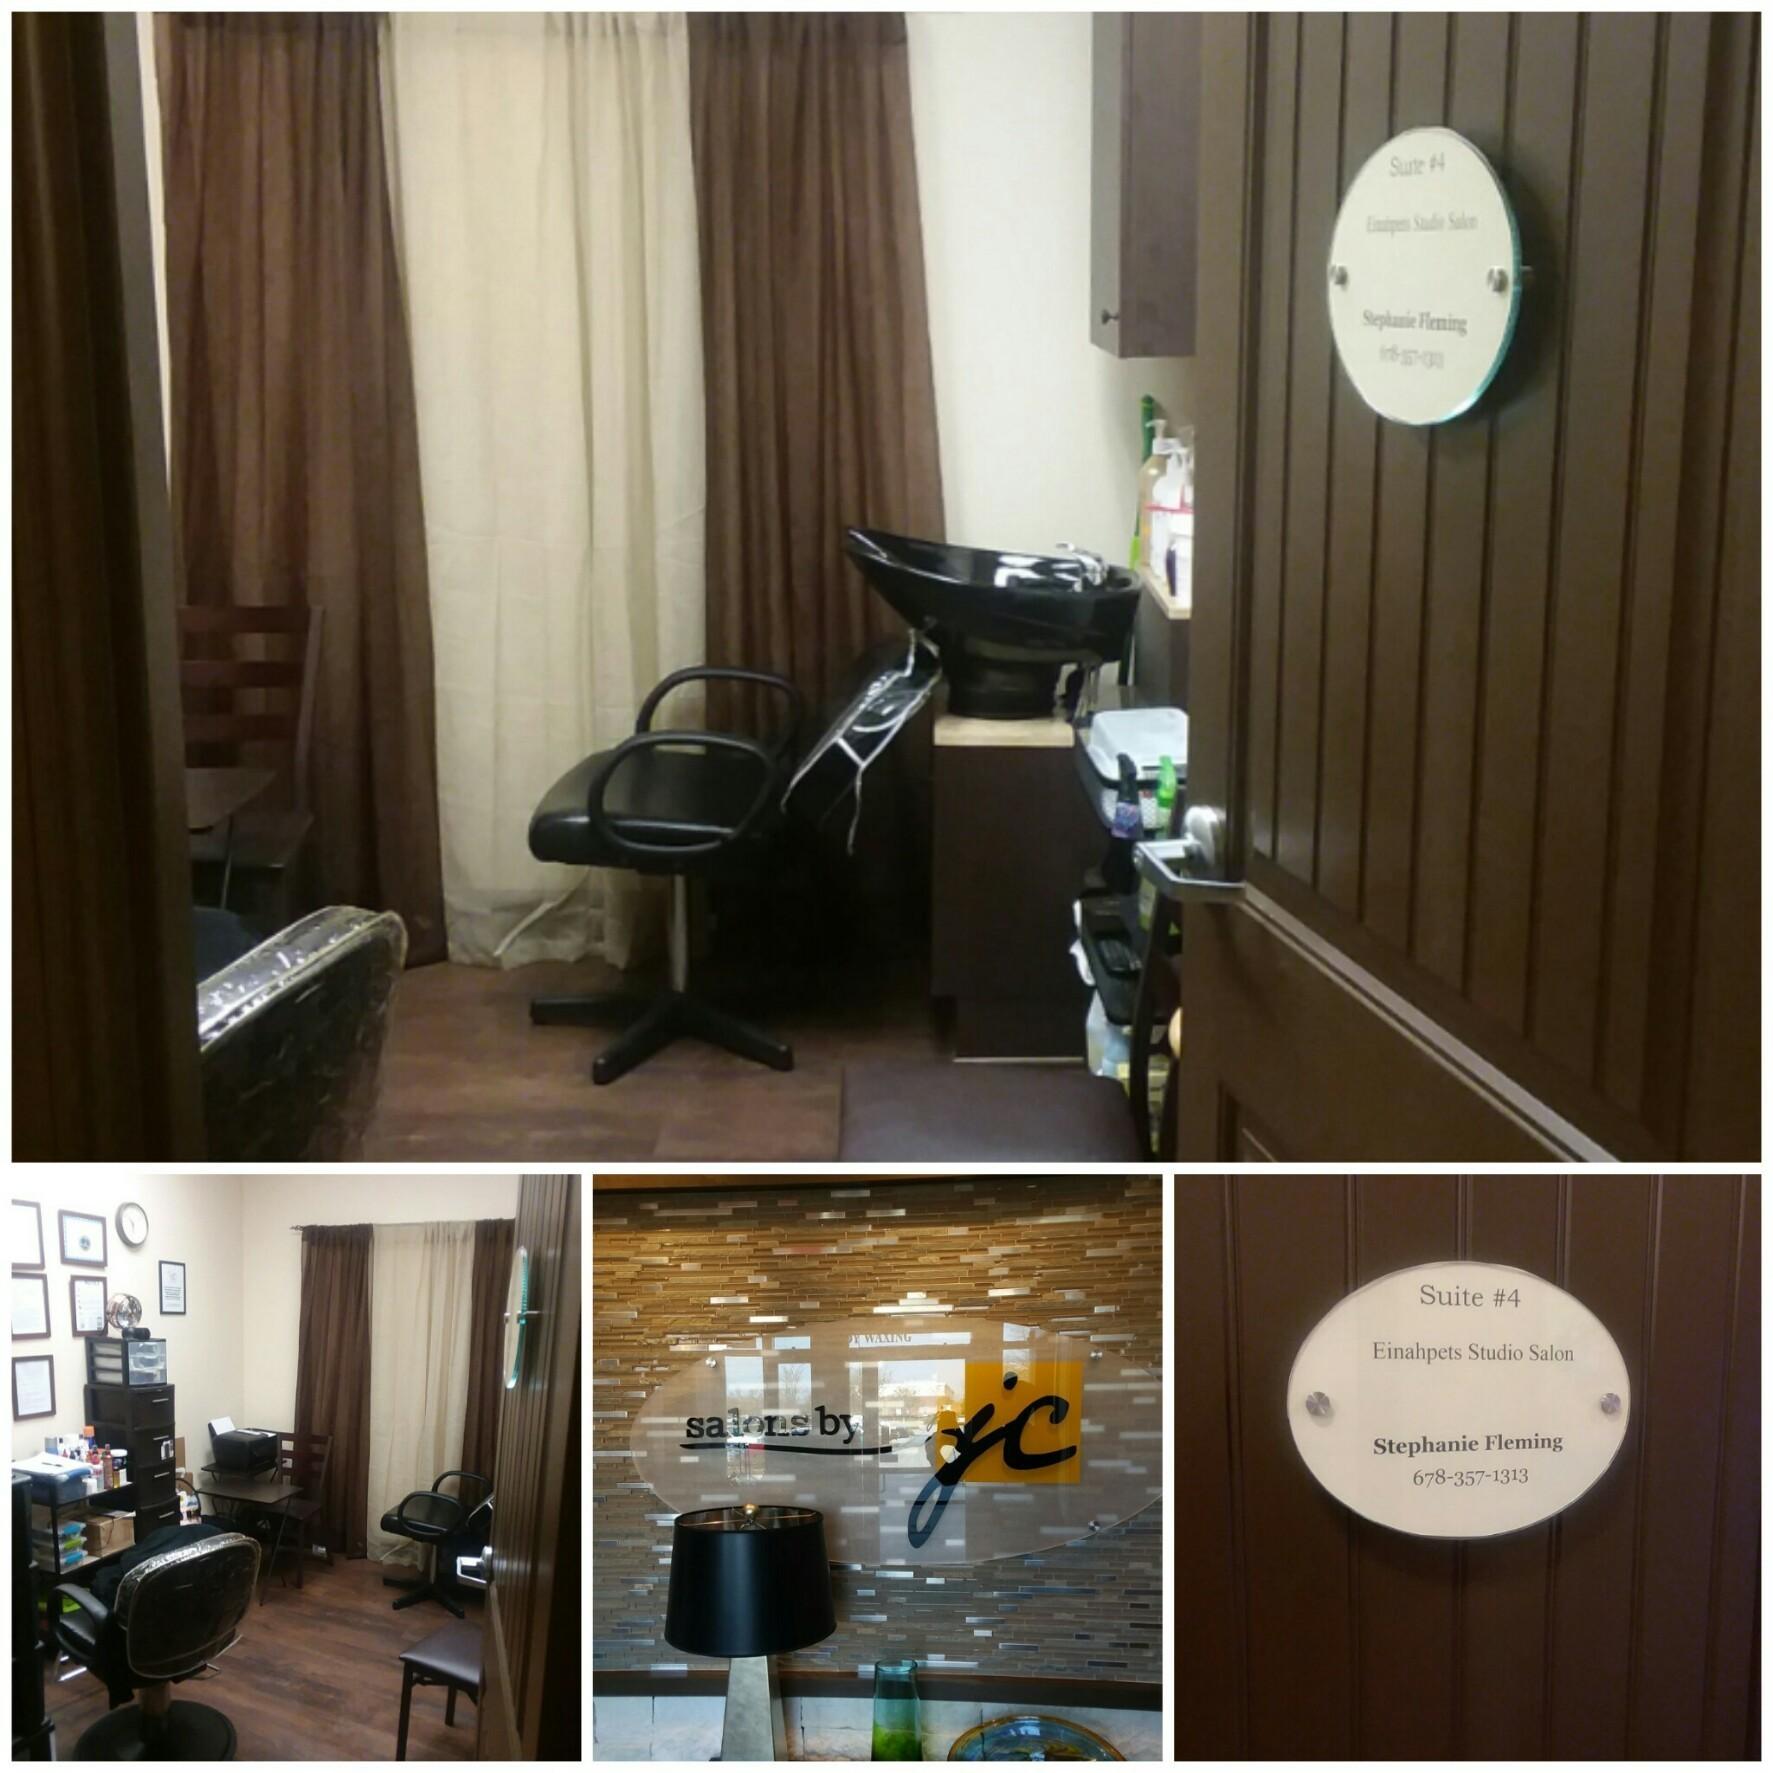 Einahpets Studio Salon